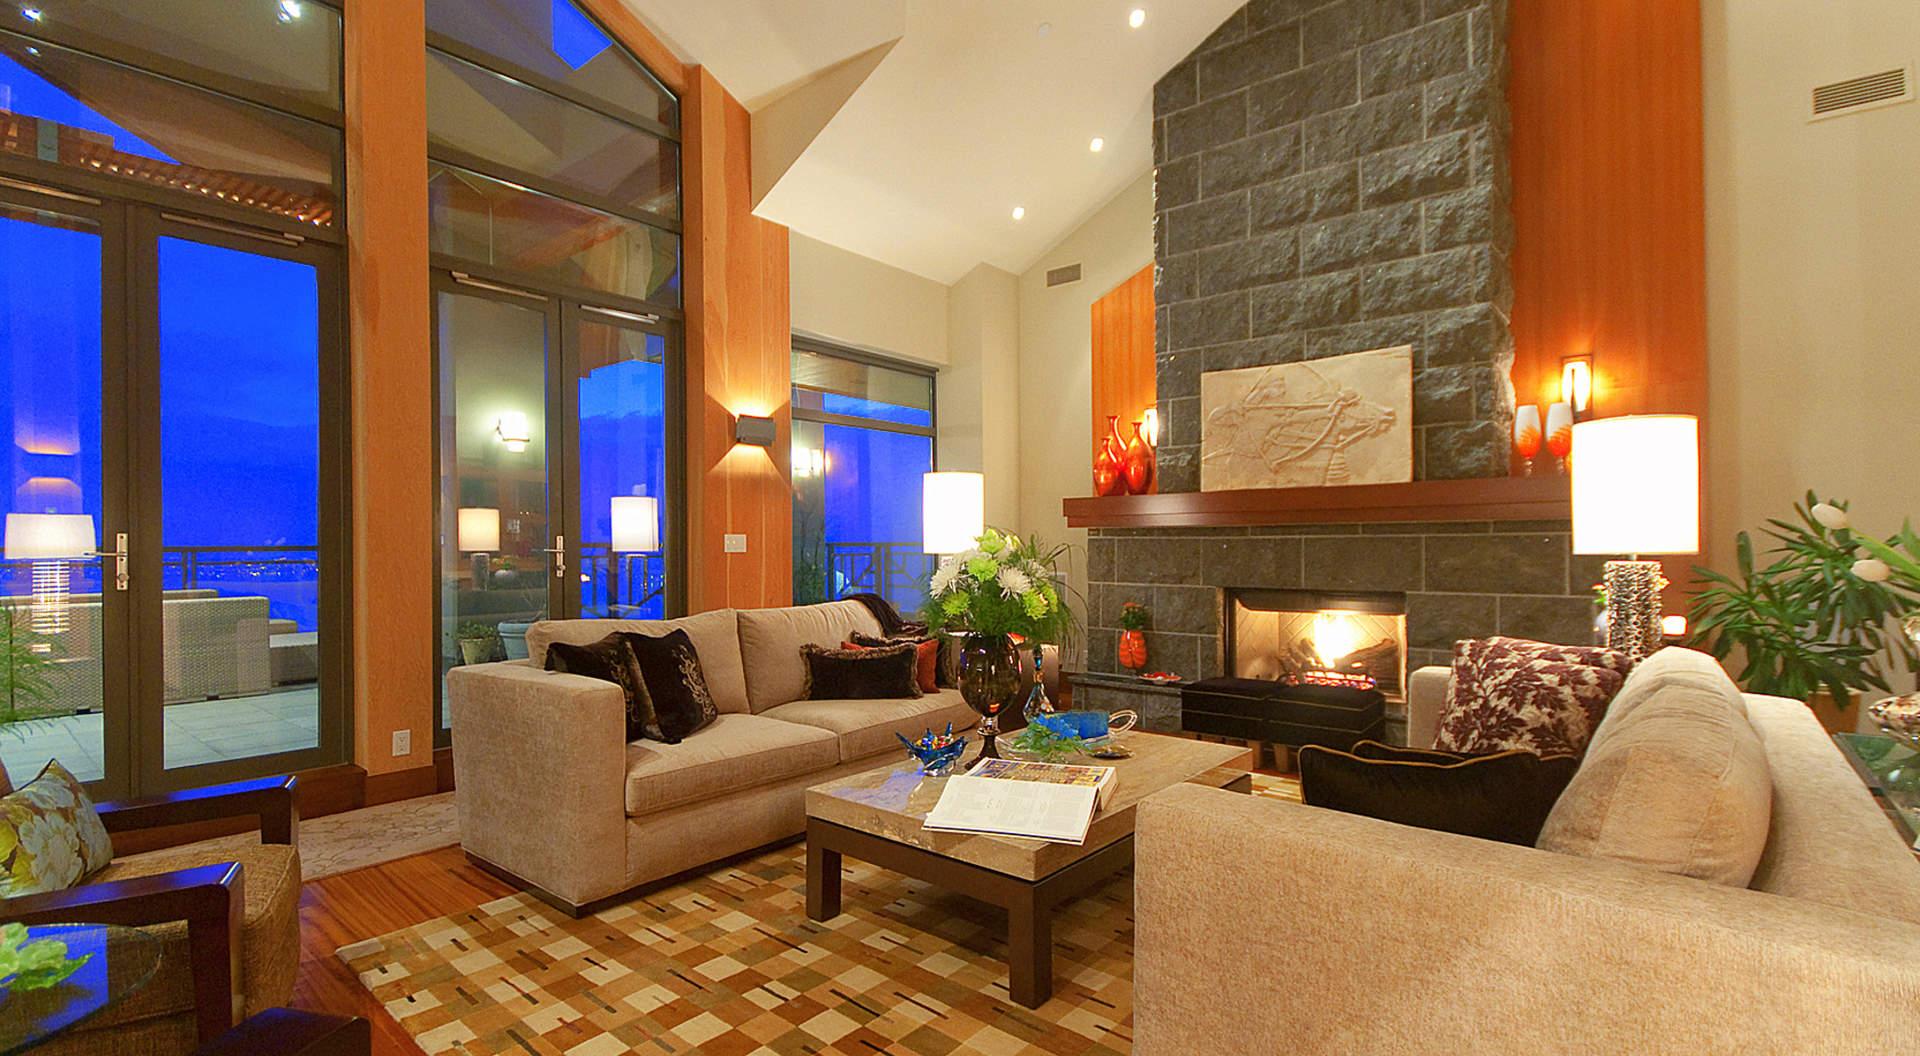 Tinas De Baño Maestro Home Center:PH – 3315 Cypress Place – Viviendas y Bienes Raíces en West Vancouver